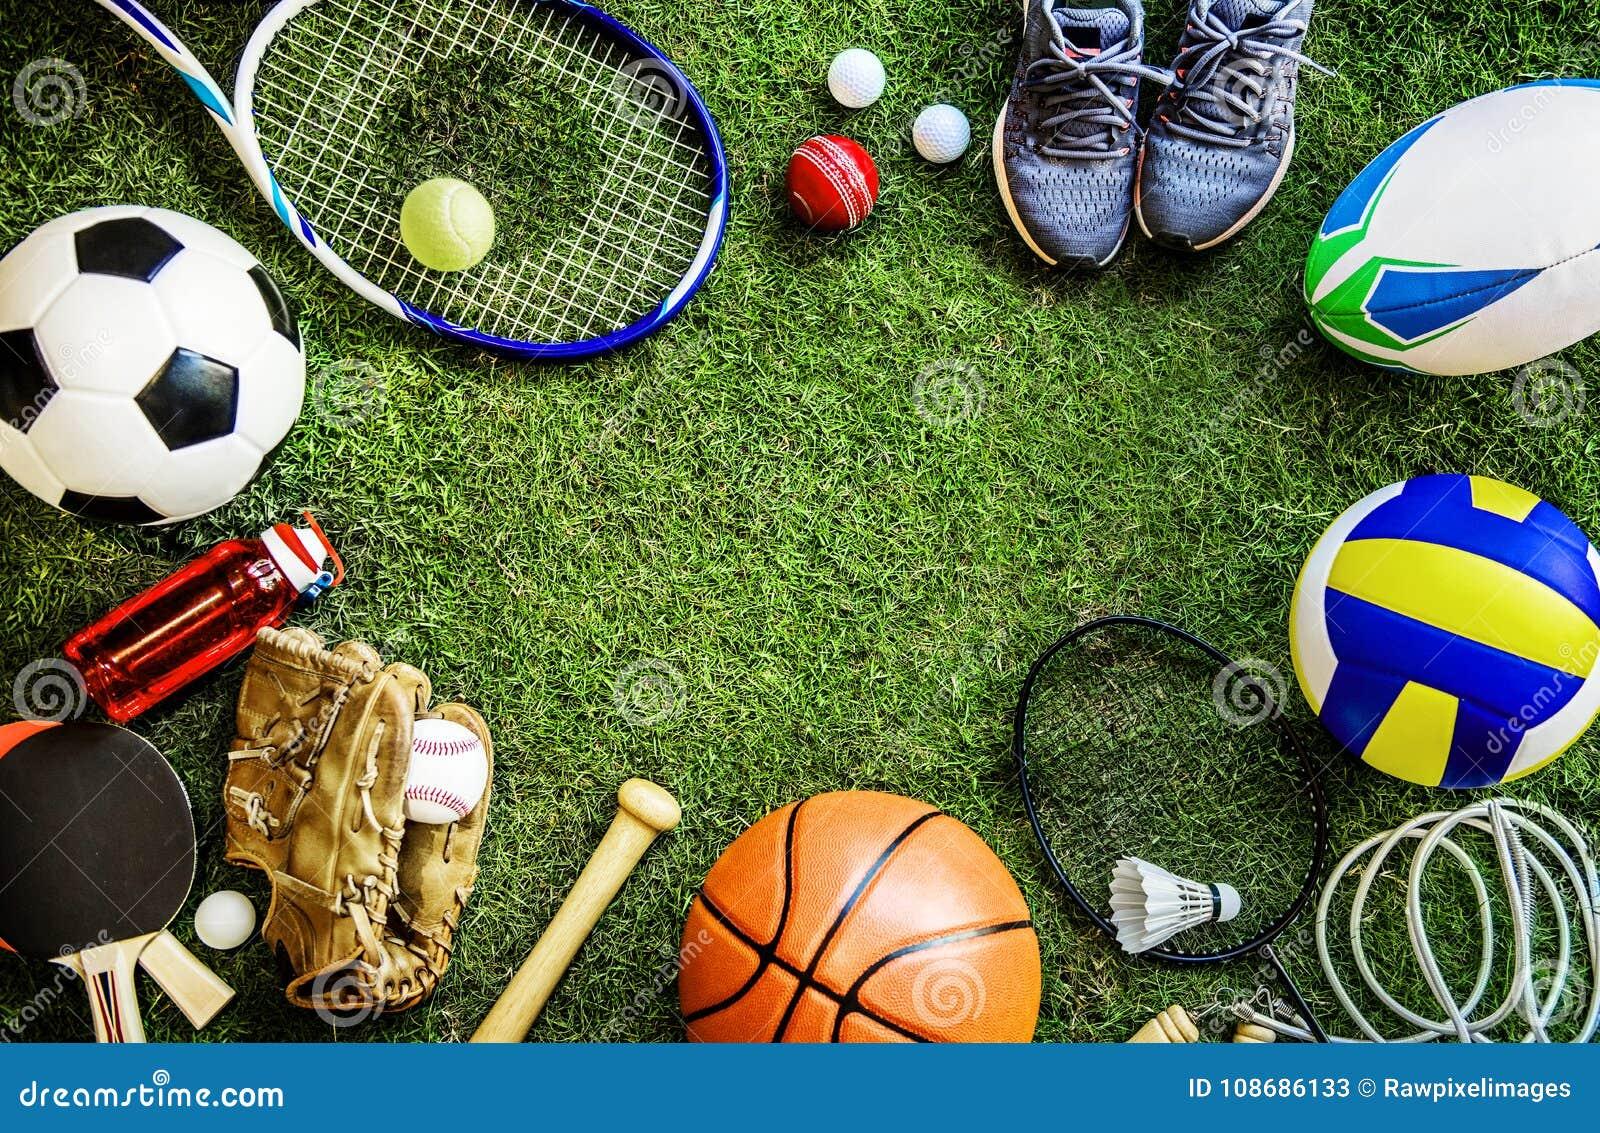 Έδαφος παπουτσιών σφαιρών αθλητικών εργαλείων